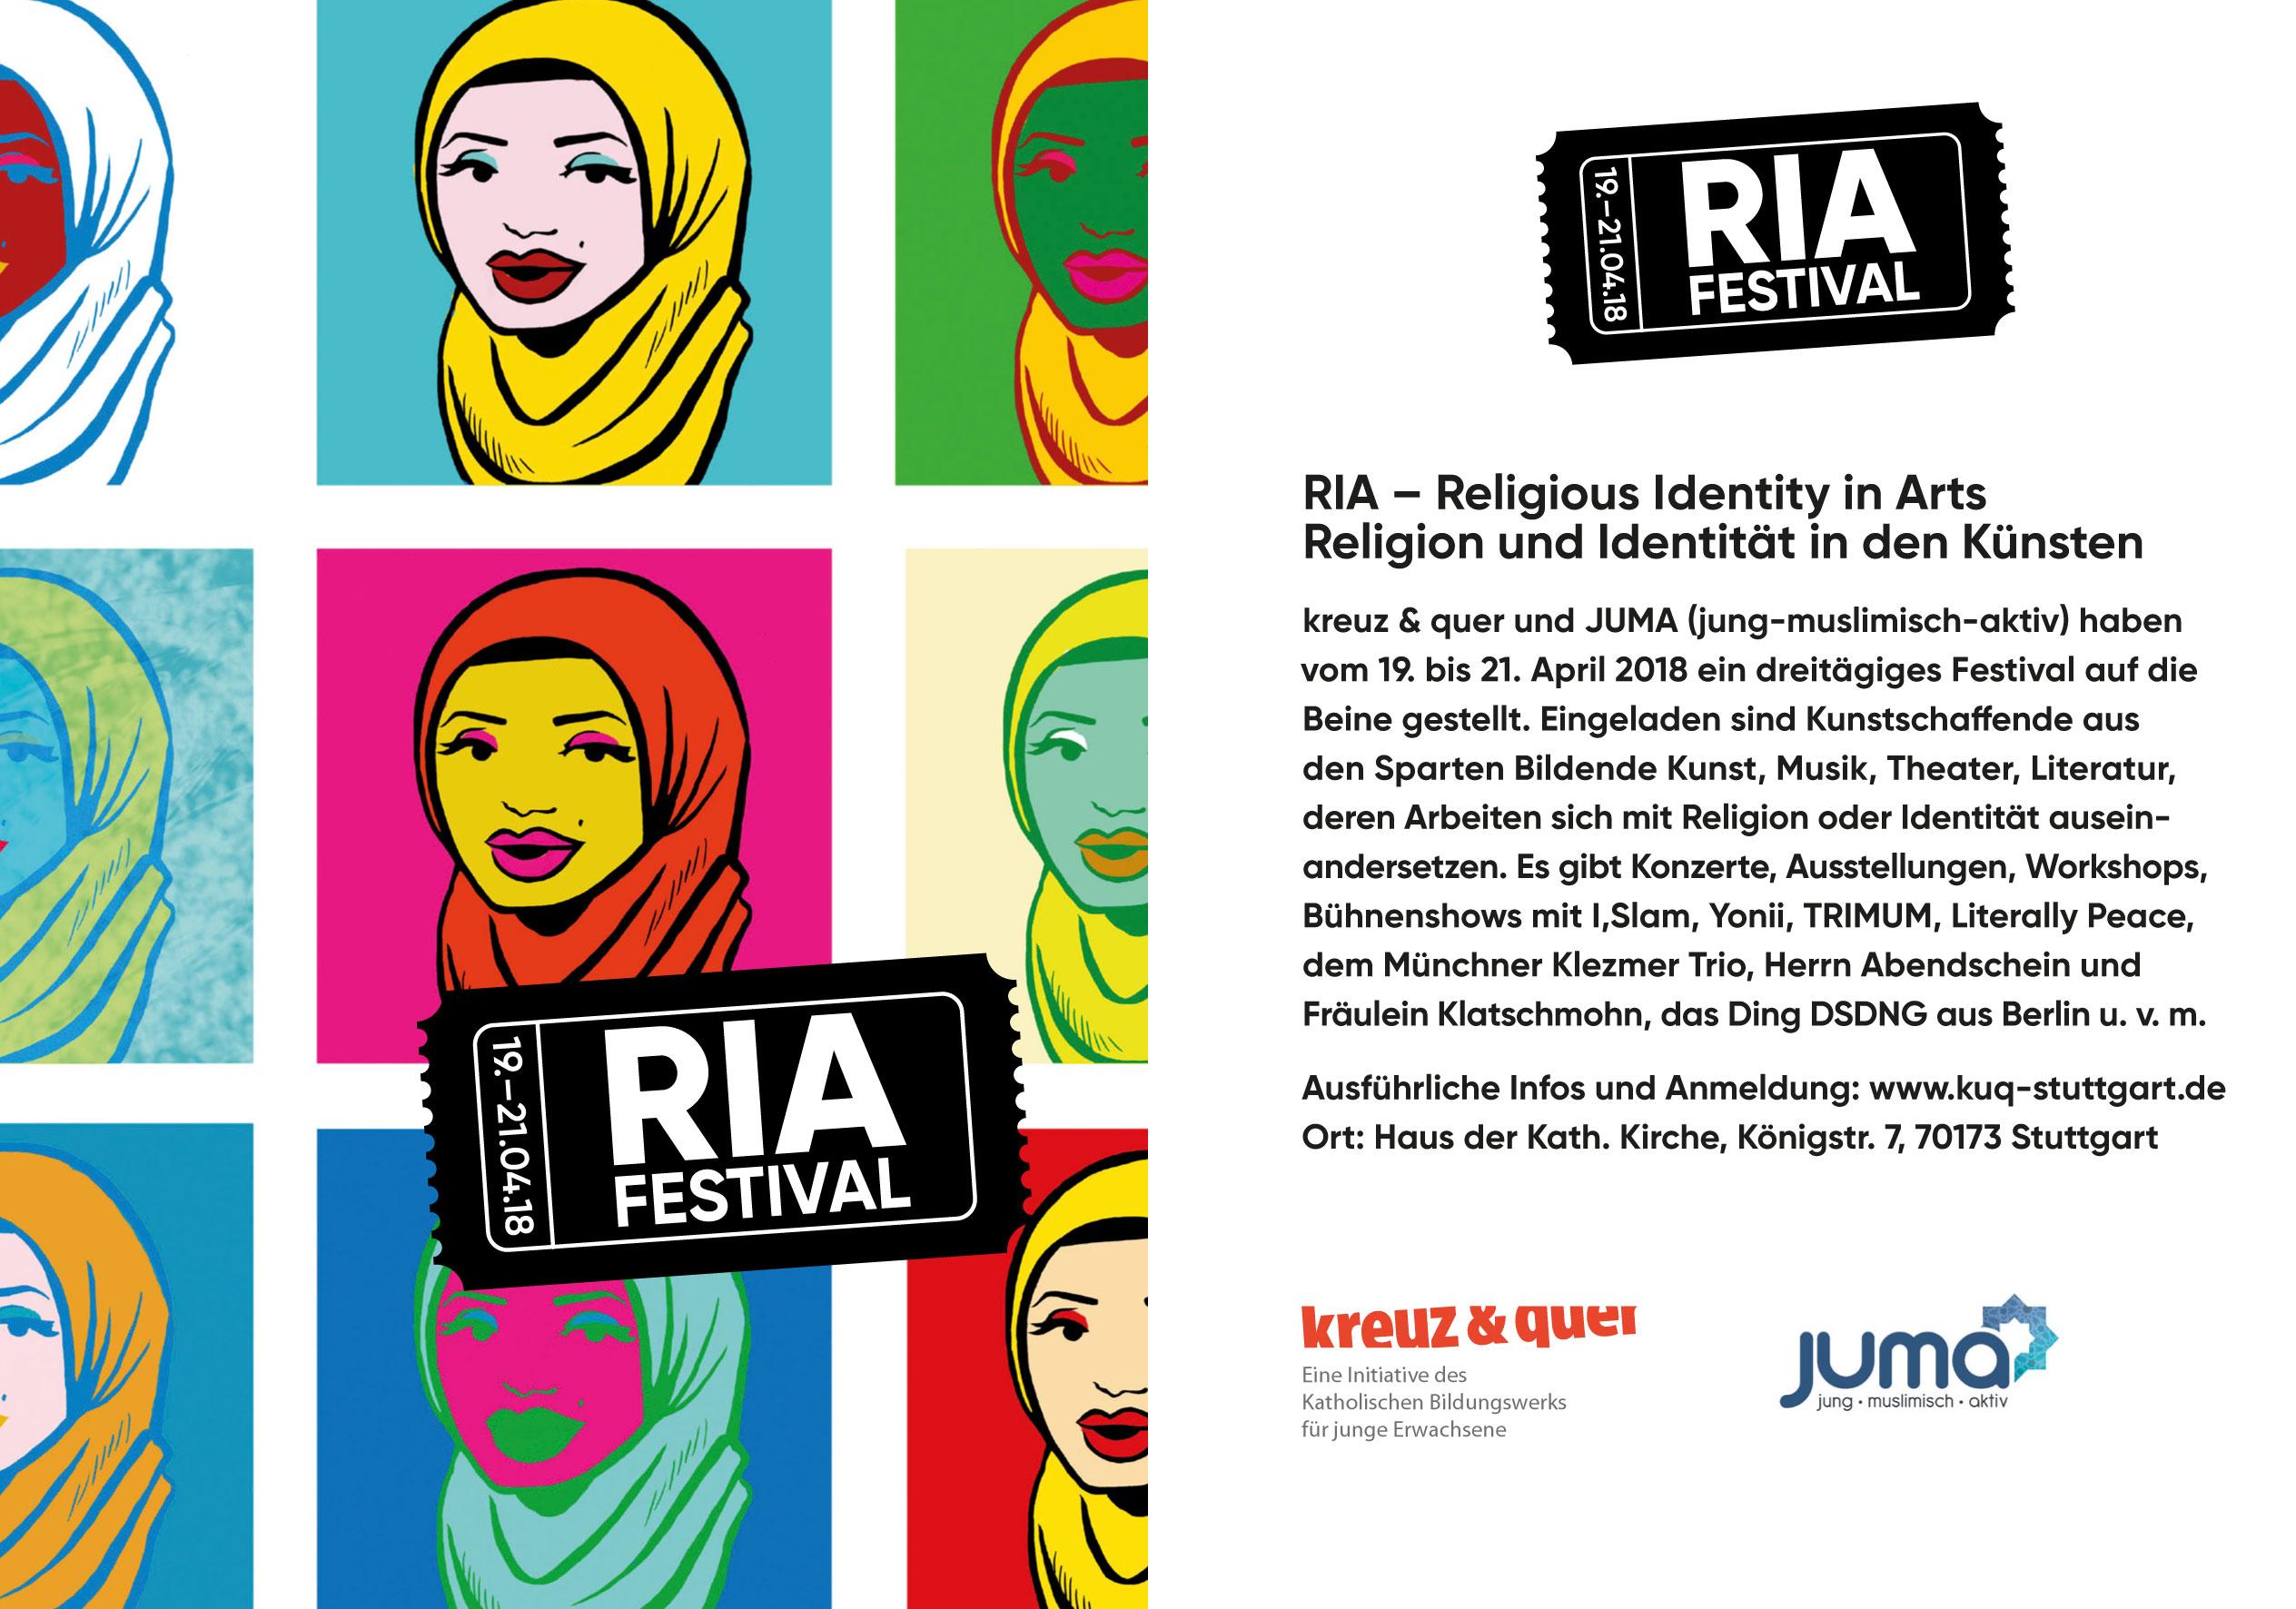 Kunst, Musik, Theater, Poesie - das dreitägige Festival in Stuttgart